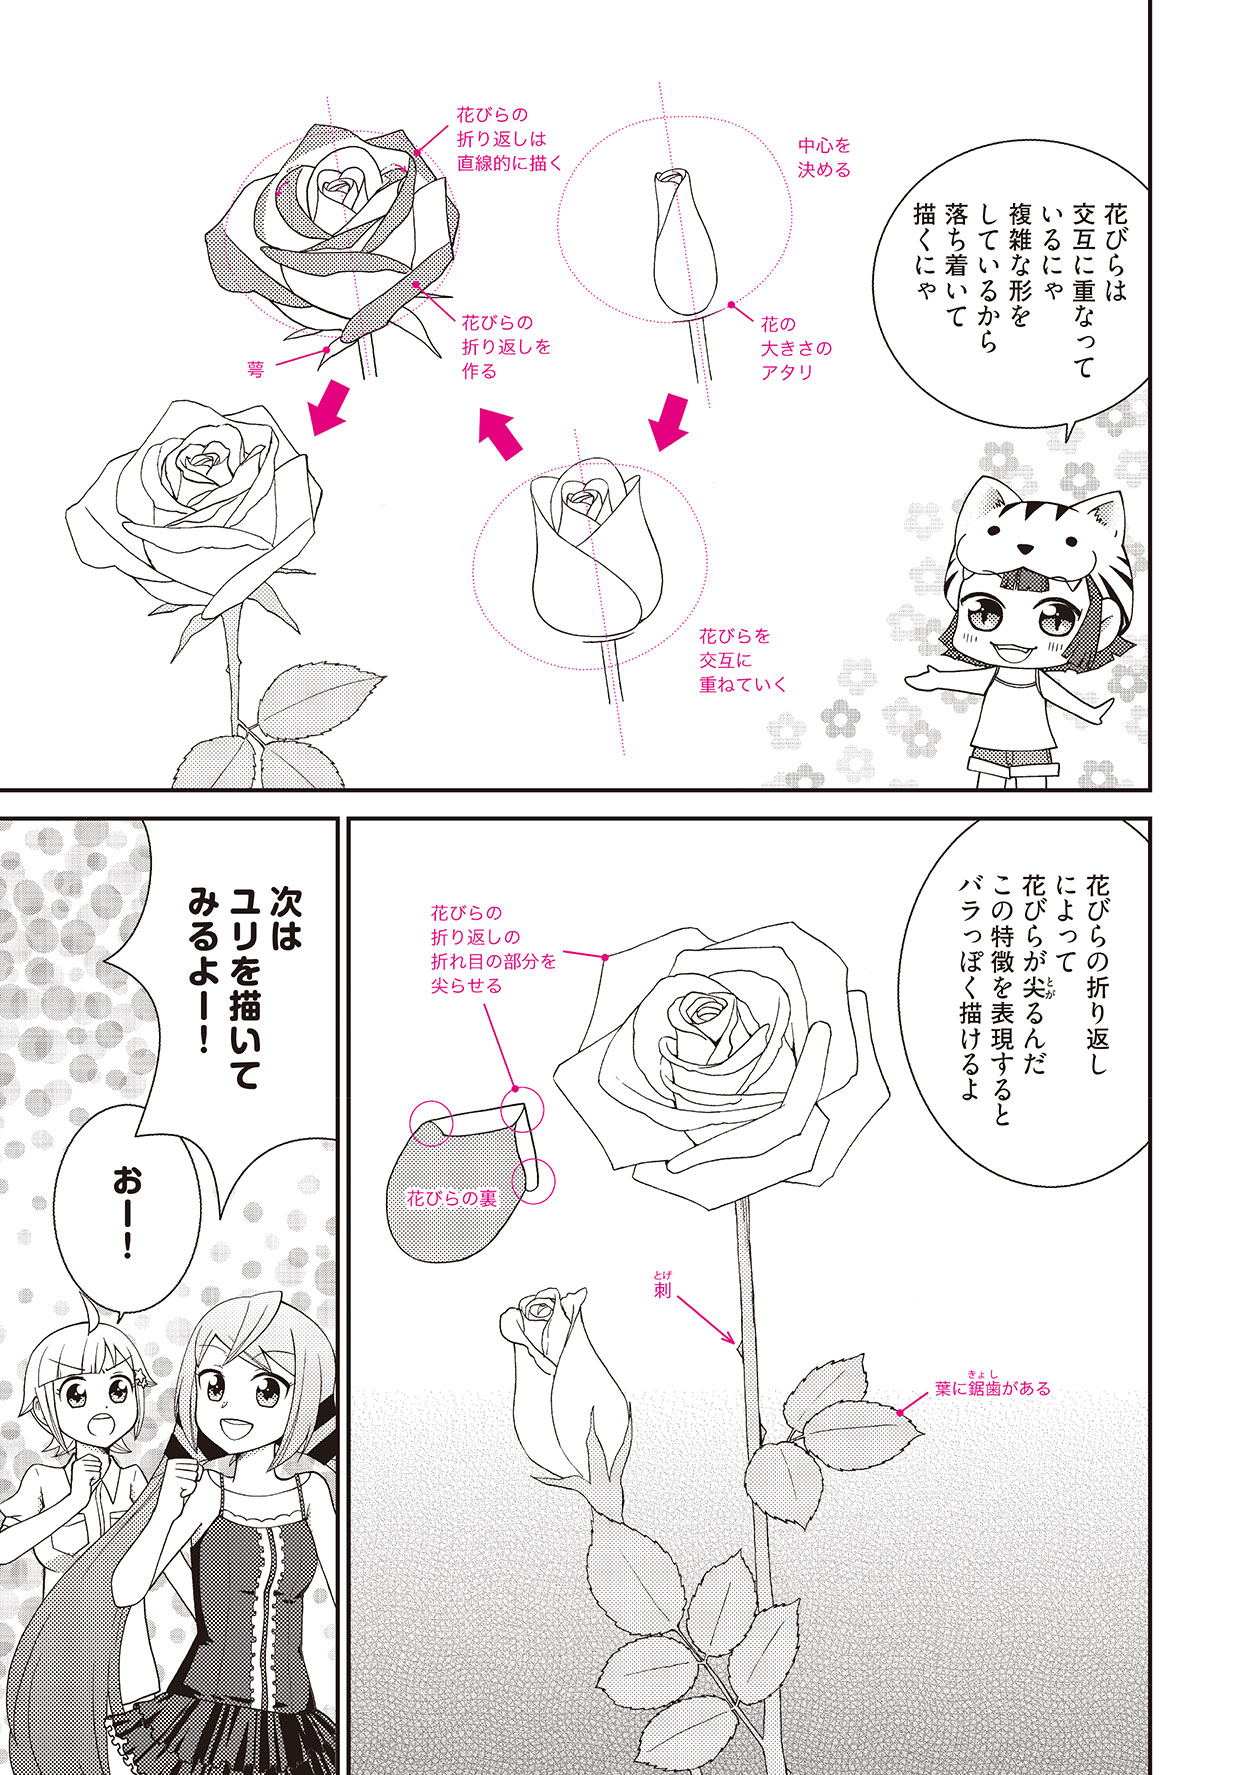 漫画の背景や効果に使える花の描き方 | イラスト・マンガ描き方ナビ